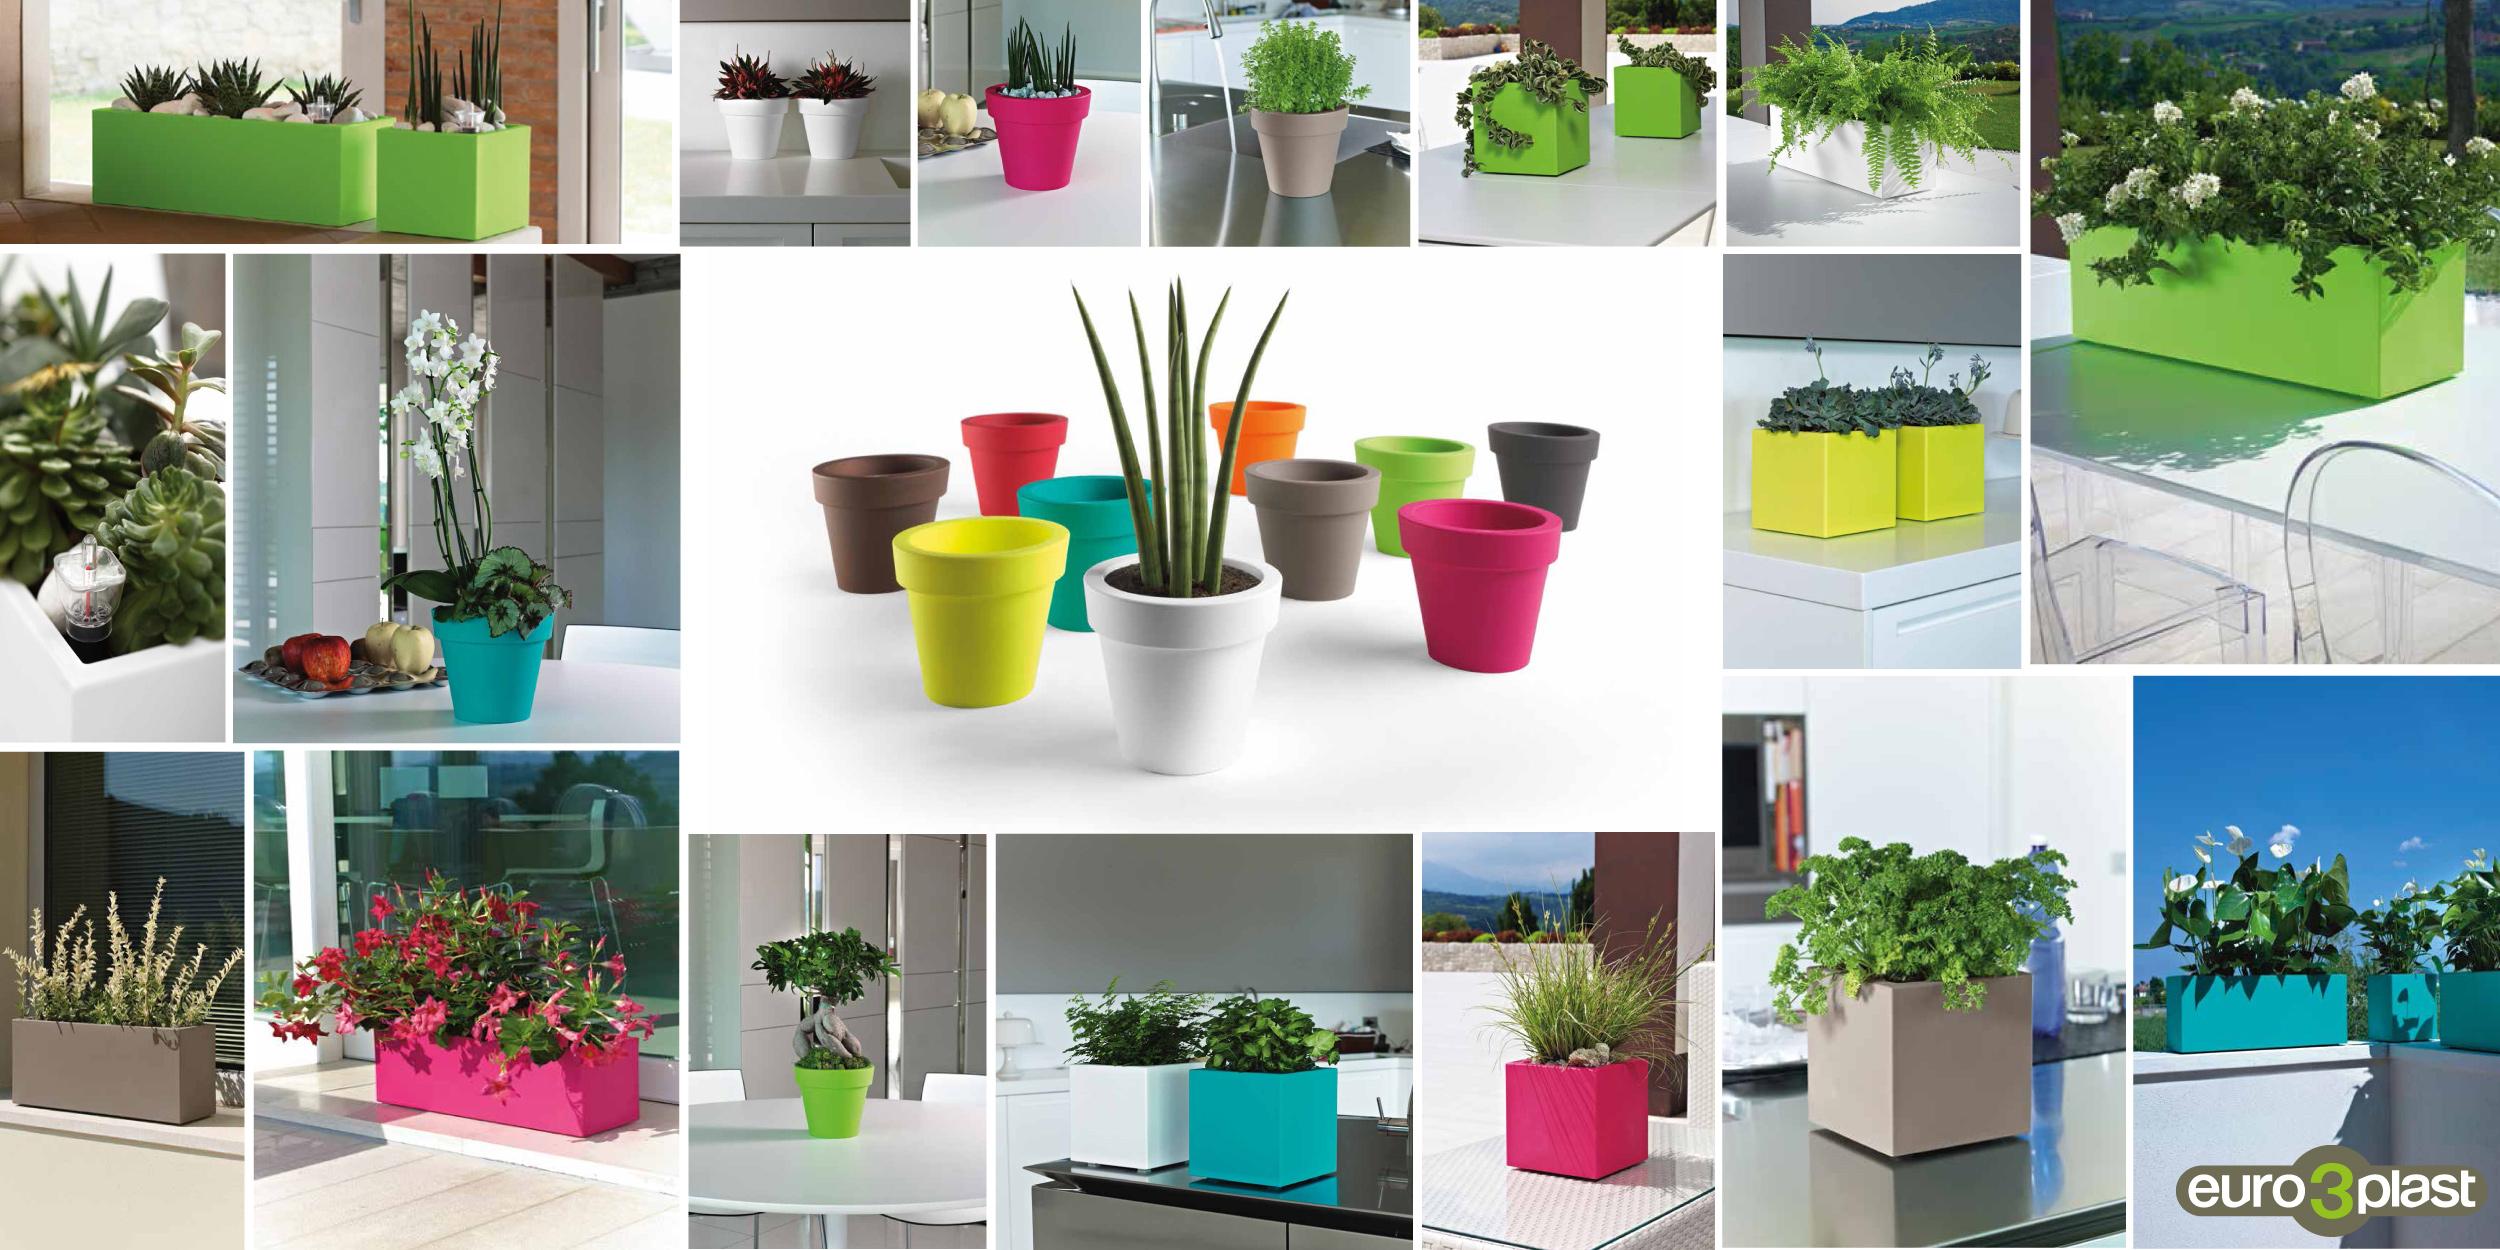 Vasi Da Giardino Colorati khilia collezione mini - piccoli vasi colorati, da disporre